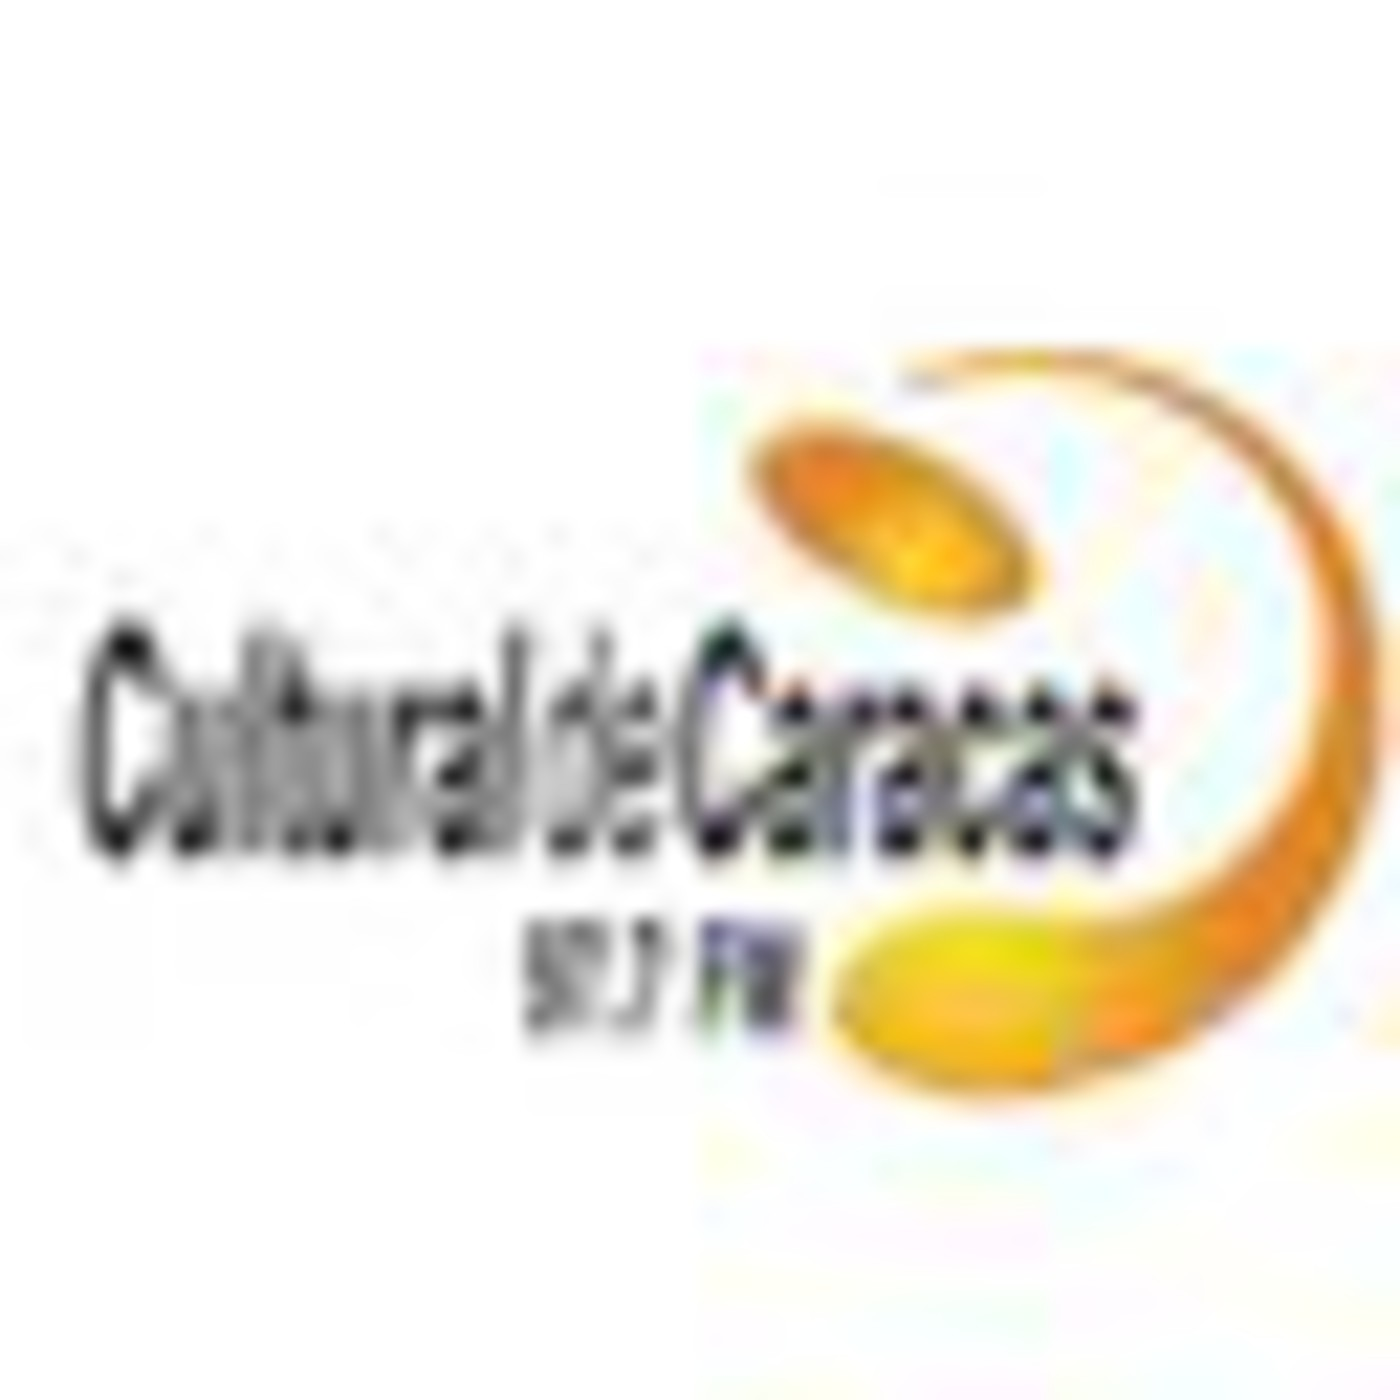 La Cultural de Caracas 97.7